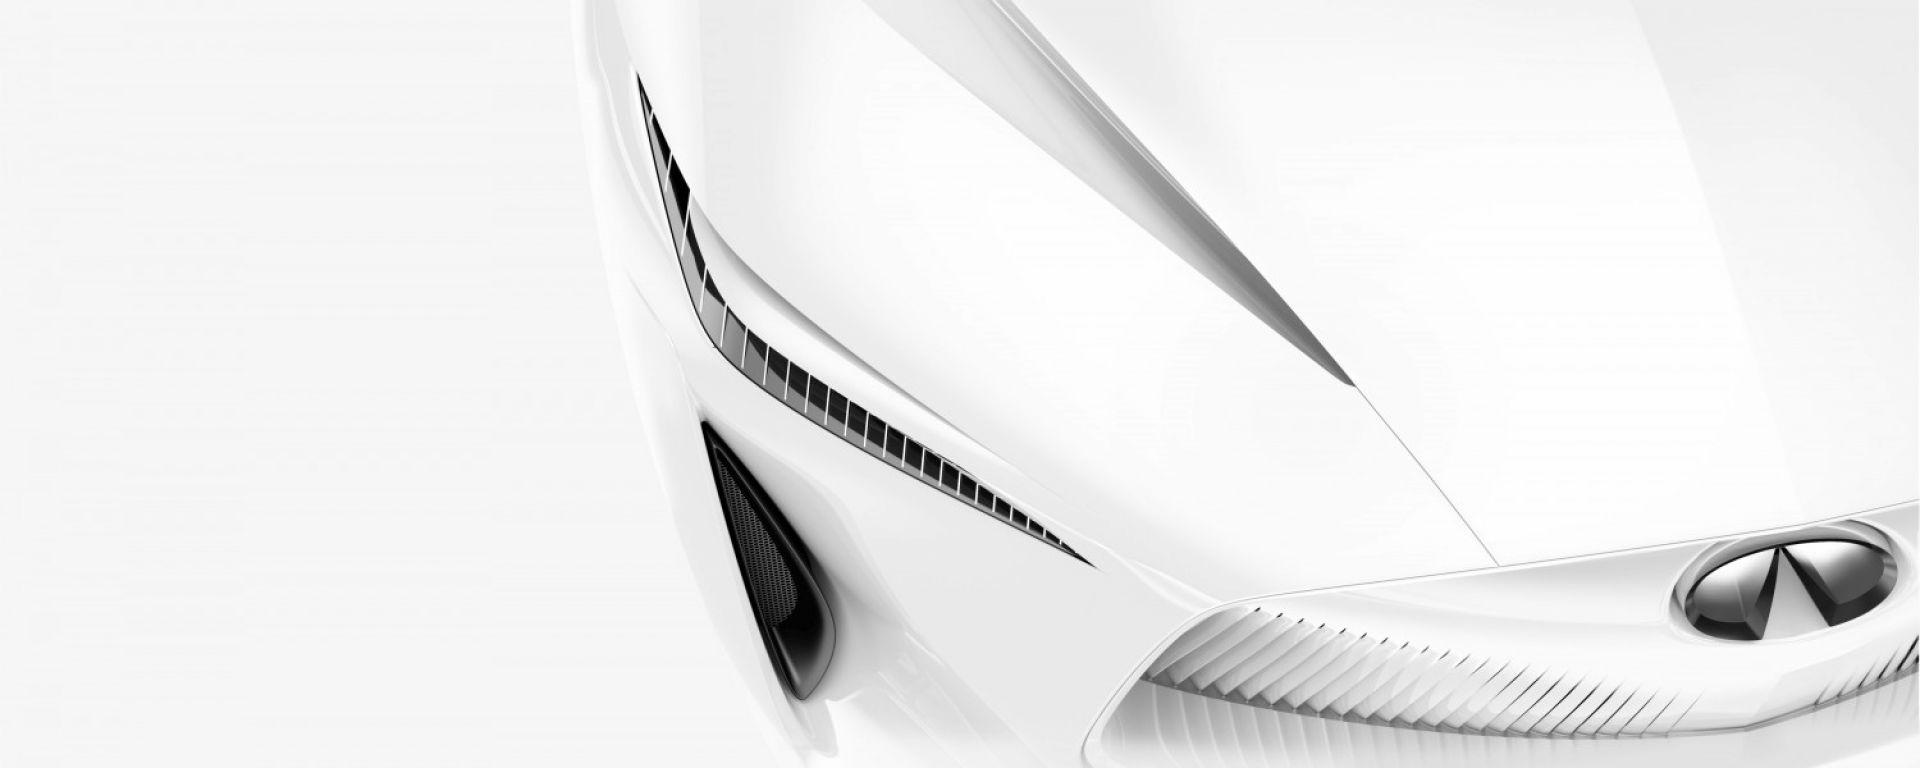 Una immagine teaser della Concept Car Infiniti - Salone di Detroit 2018